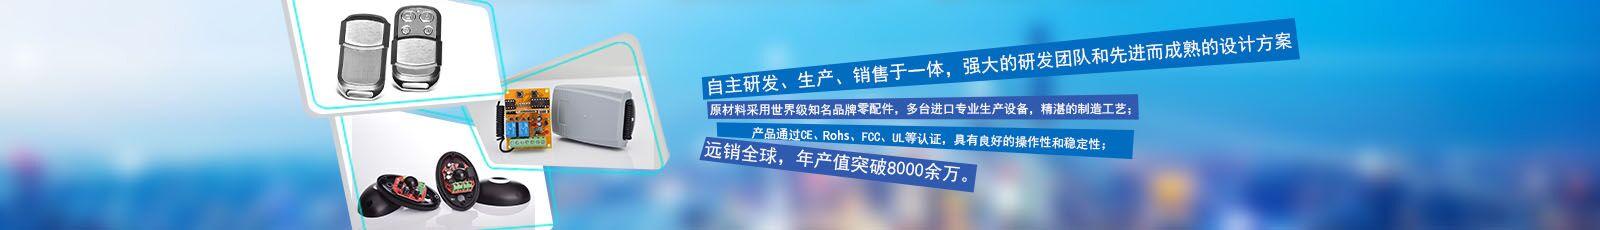 十余年专zhuyanfa星际电玩城无线遥控器,无线控制器等安防报警与智能控制产品领域